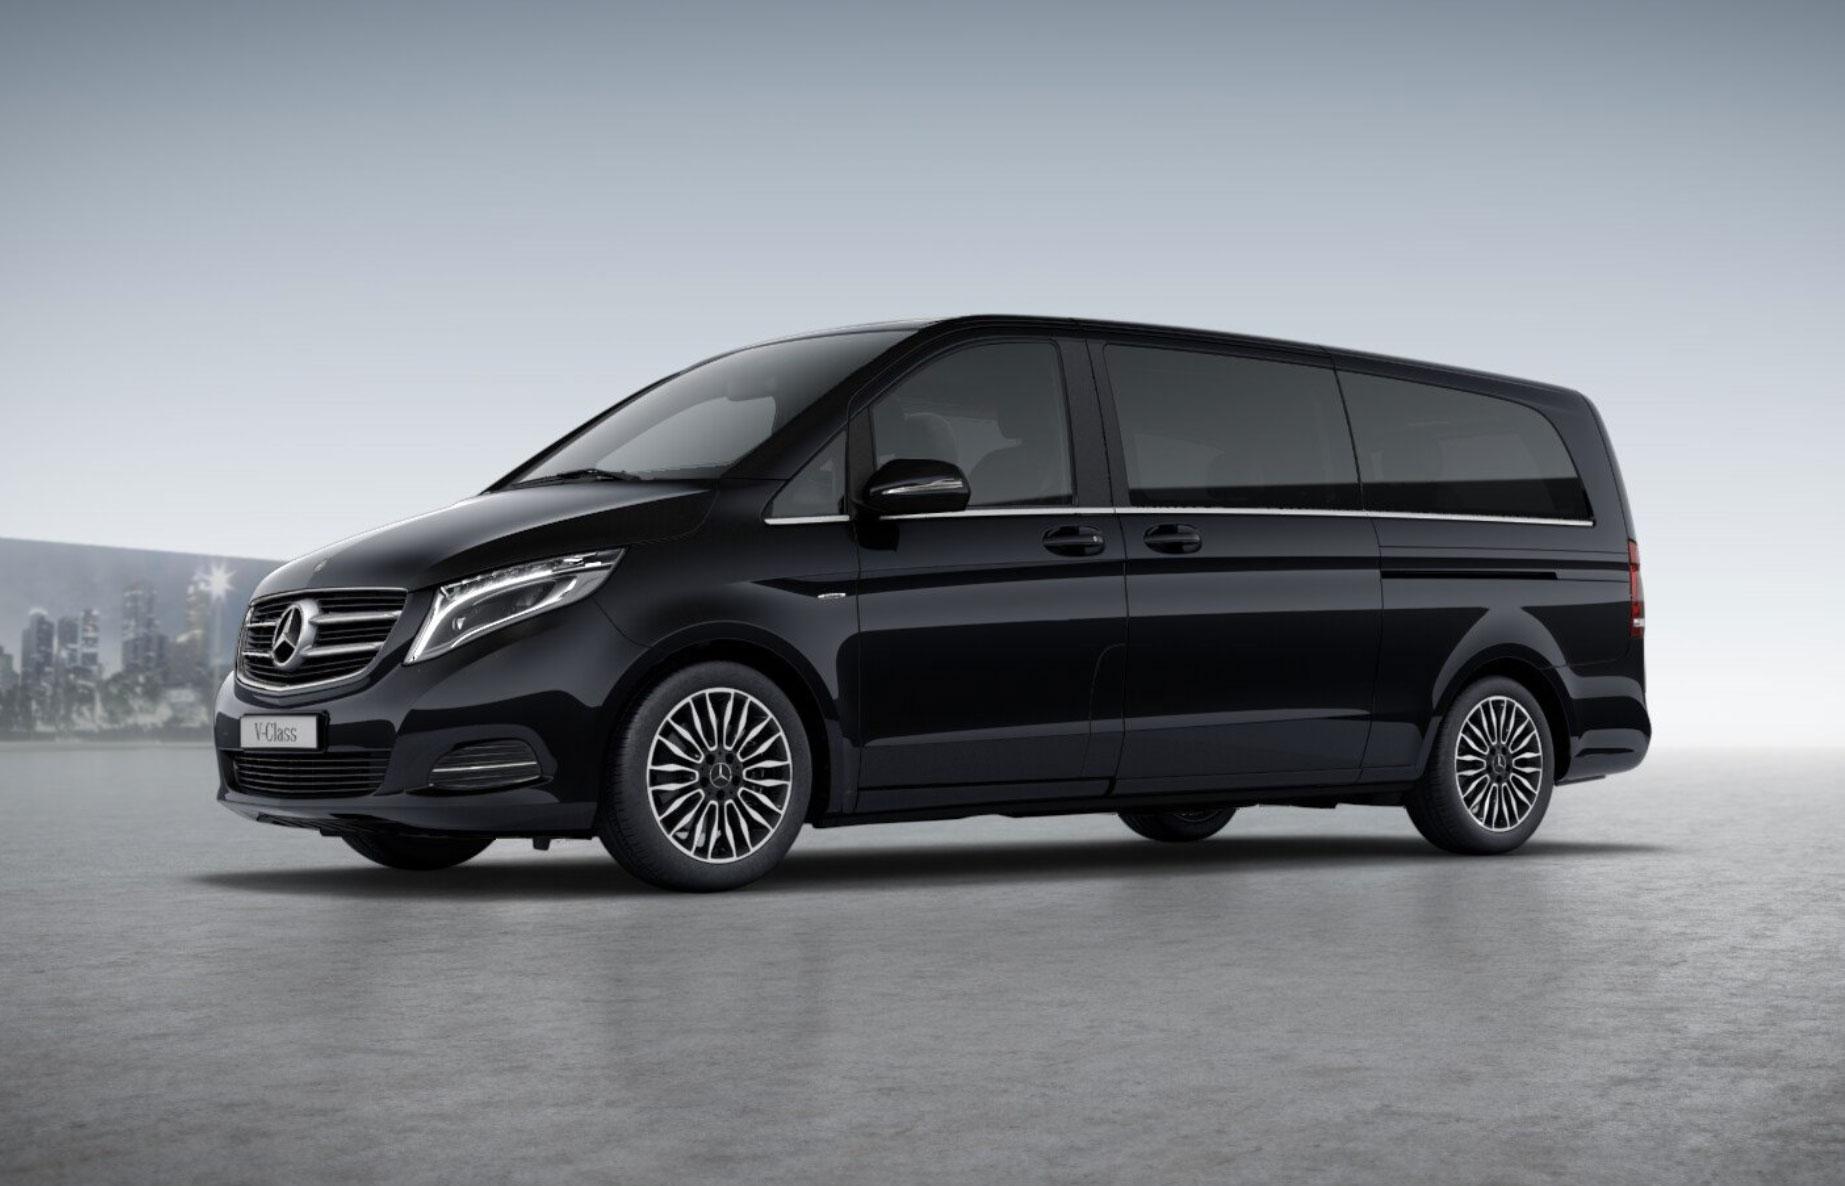 Luxury Chauffeur Car Service Milan - V Class